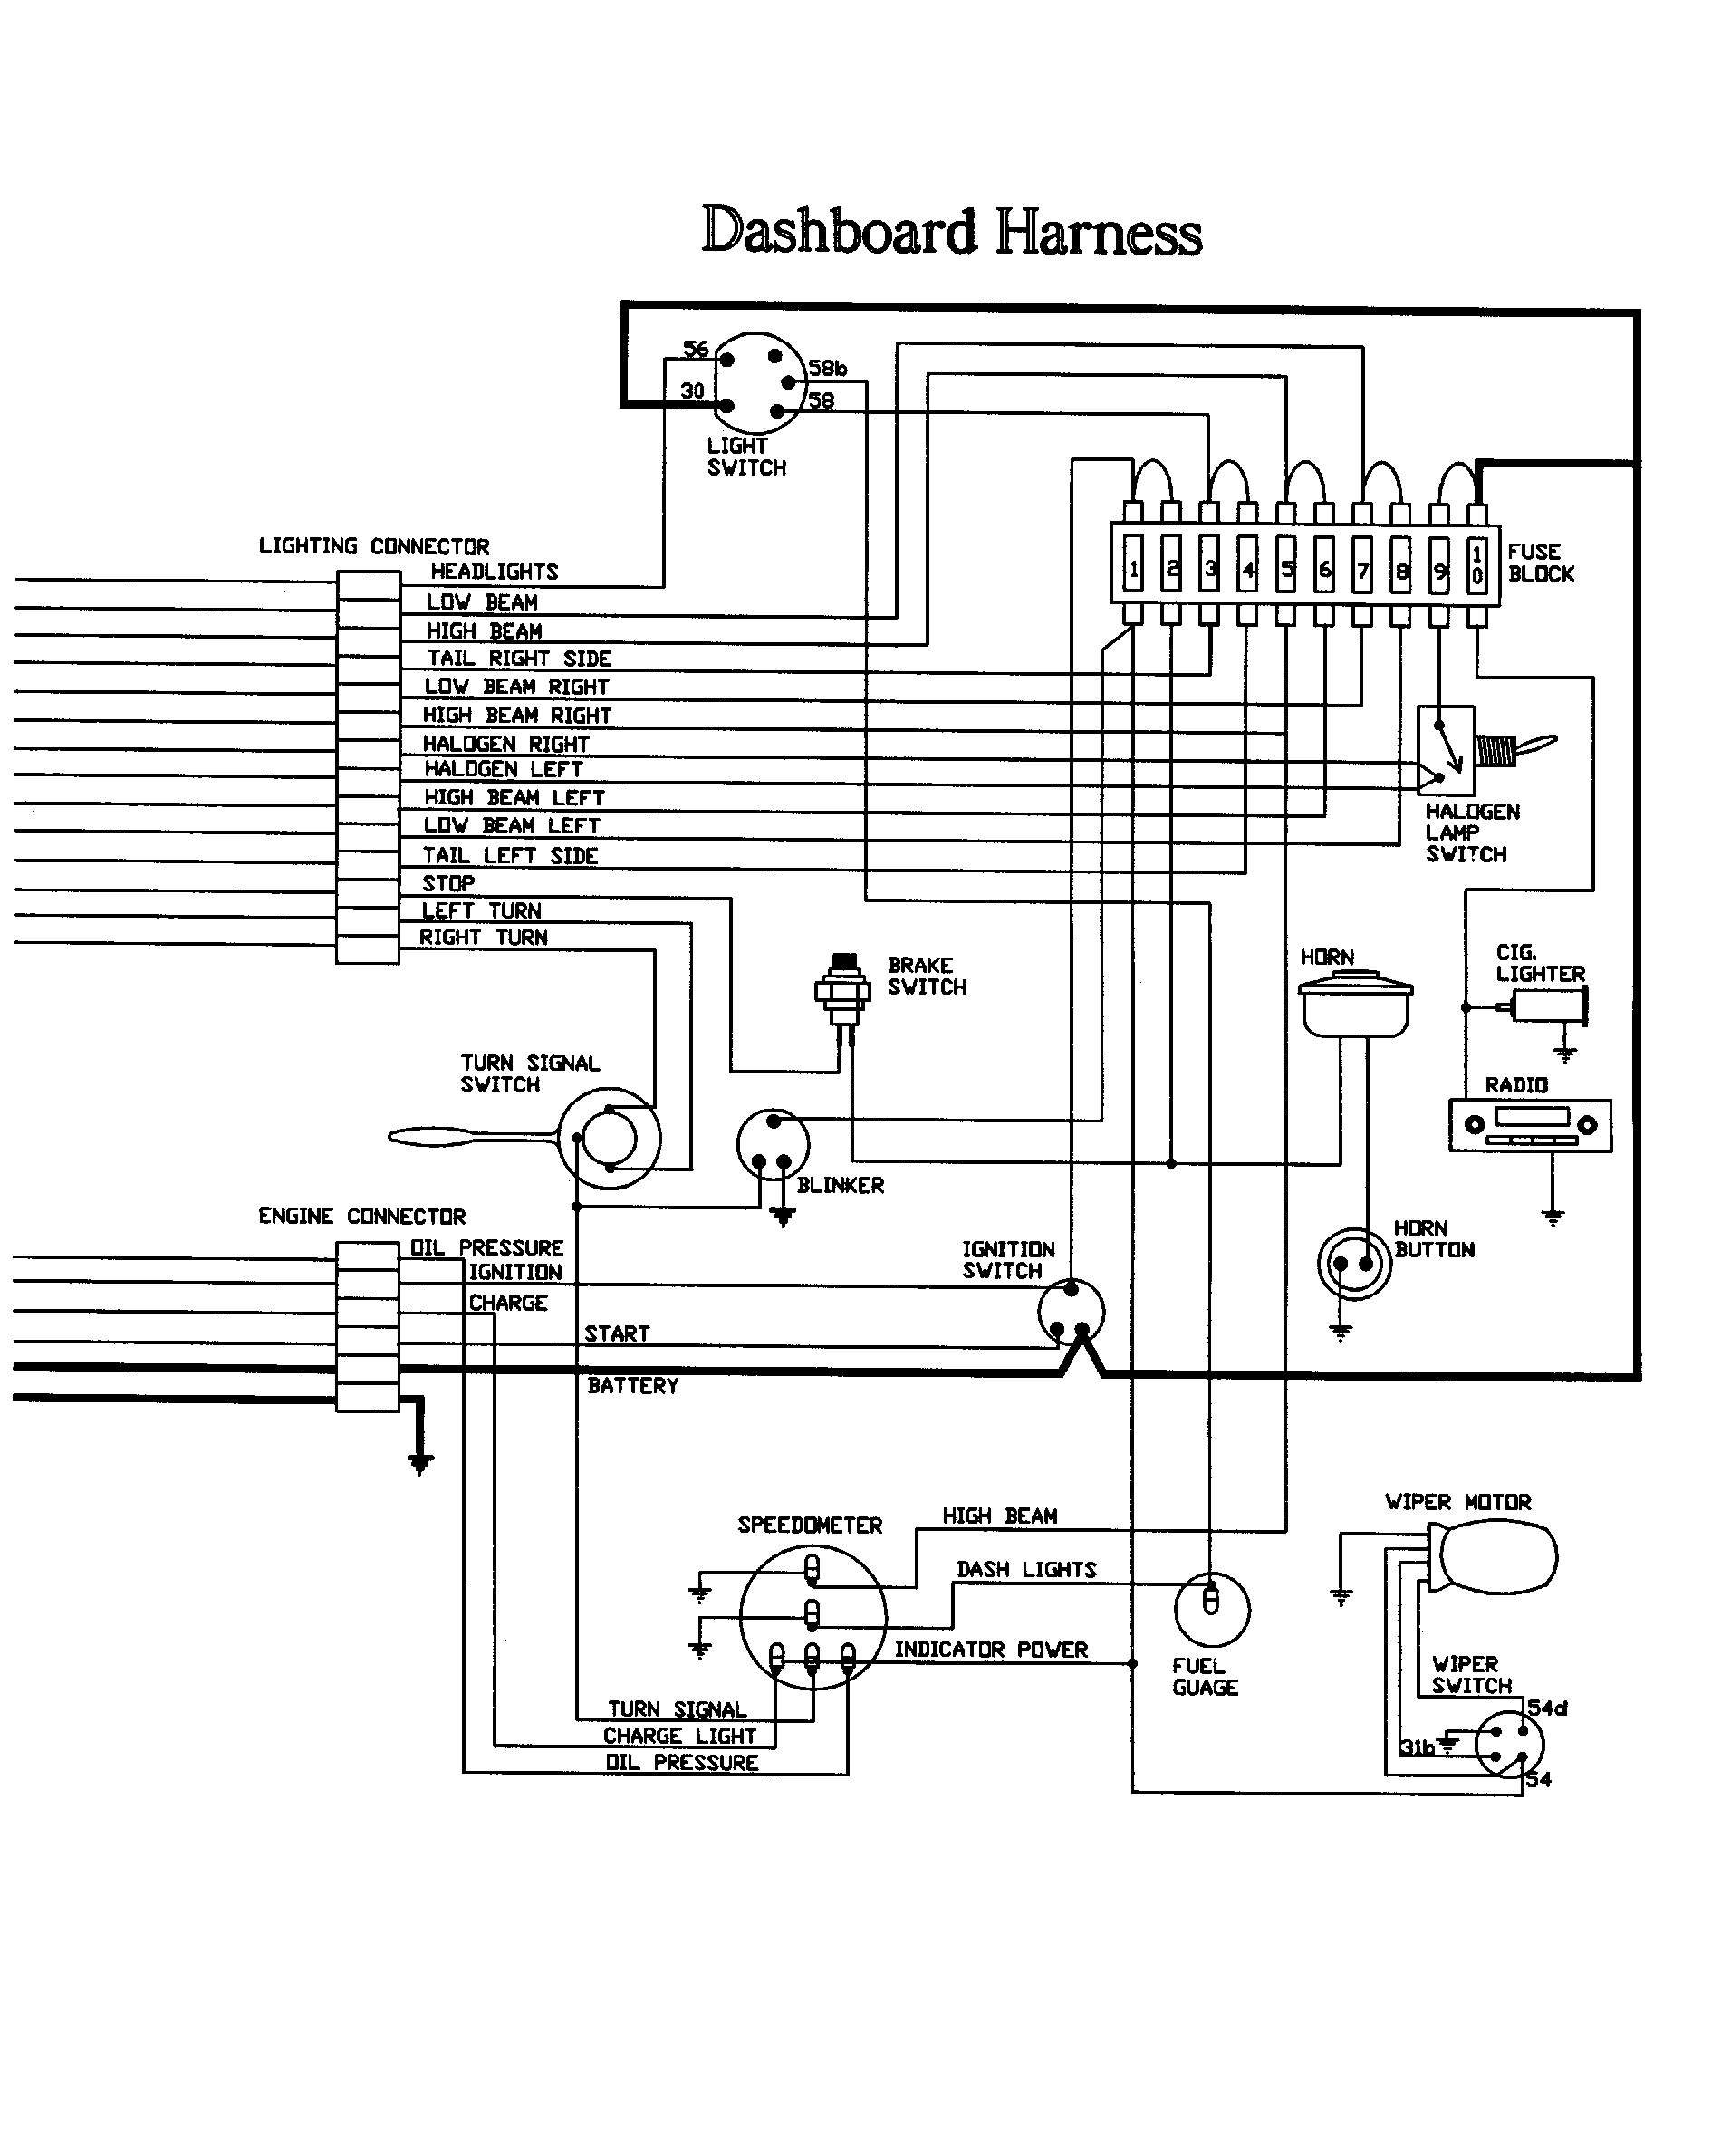 KG_0932] Rebel Dune Buggy Wiring Harness Diagram Download Diagram | Rebel Dune Buggy Wiring Harness Diagram |  | Erek Para Aspi Kicep Mohammedshrine Librar Wiring 101